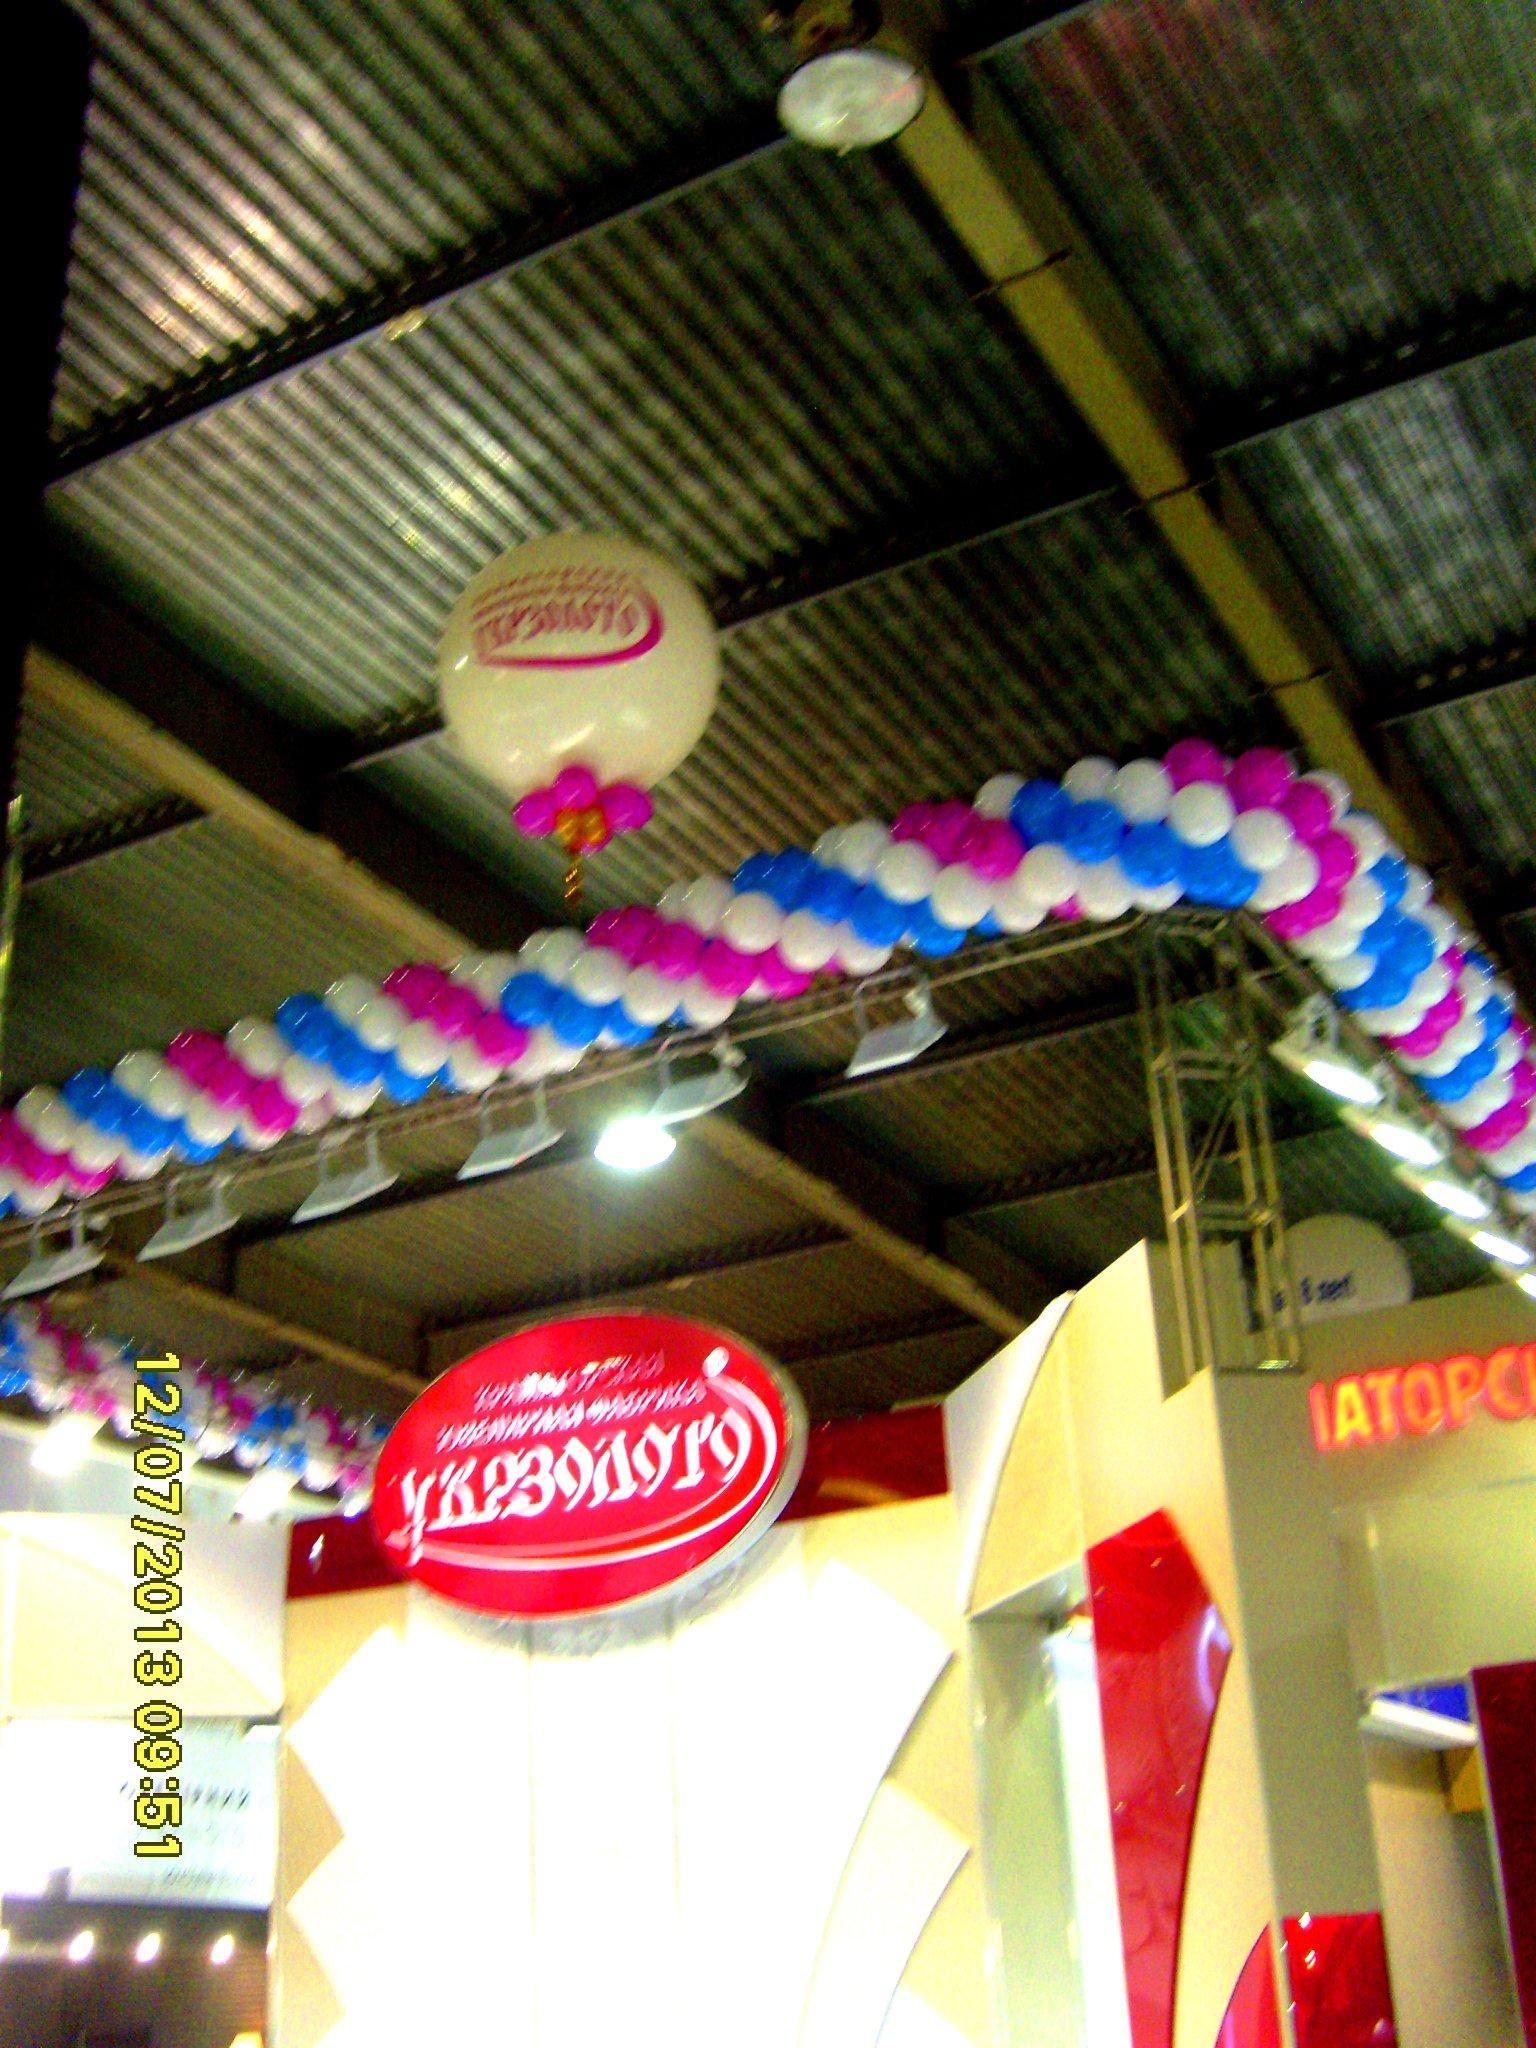 Оформление выставки шарами - большой шар и гирлянда из шаров